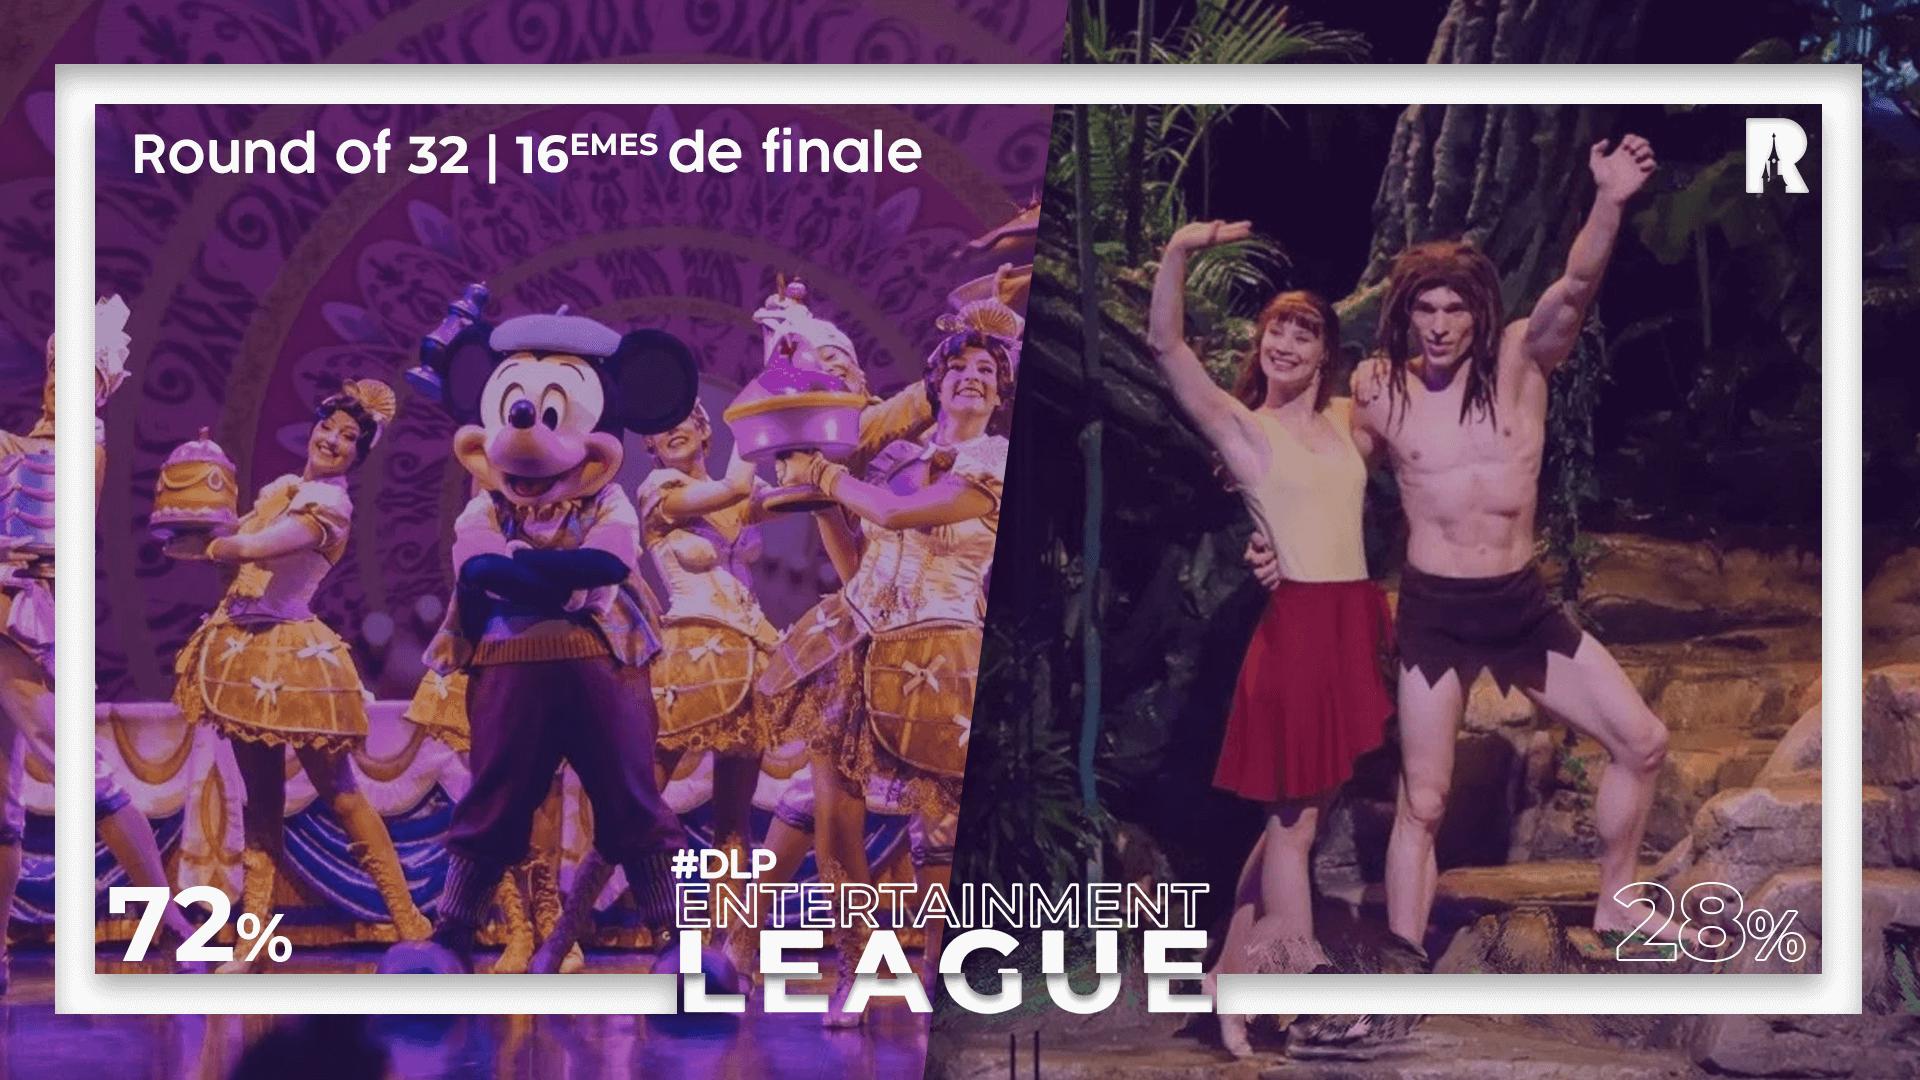 DLP_Entertainment_League_resultats